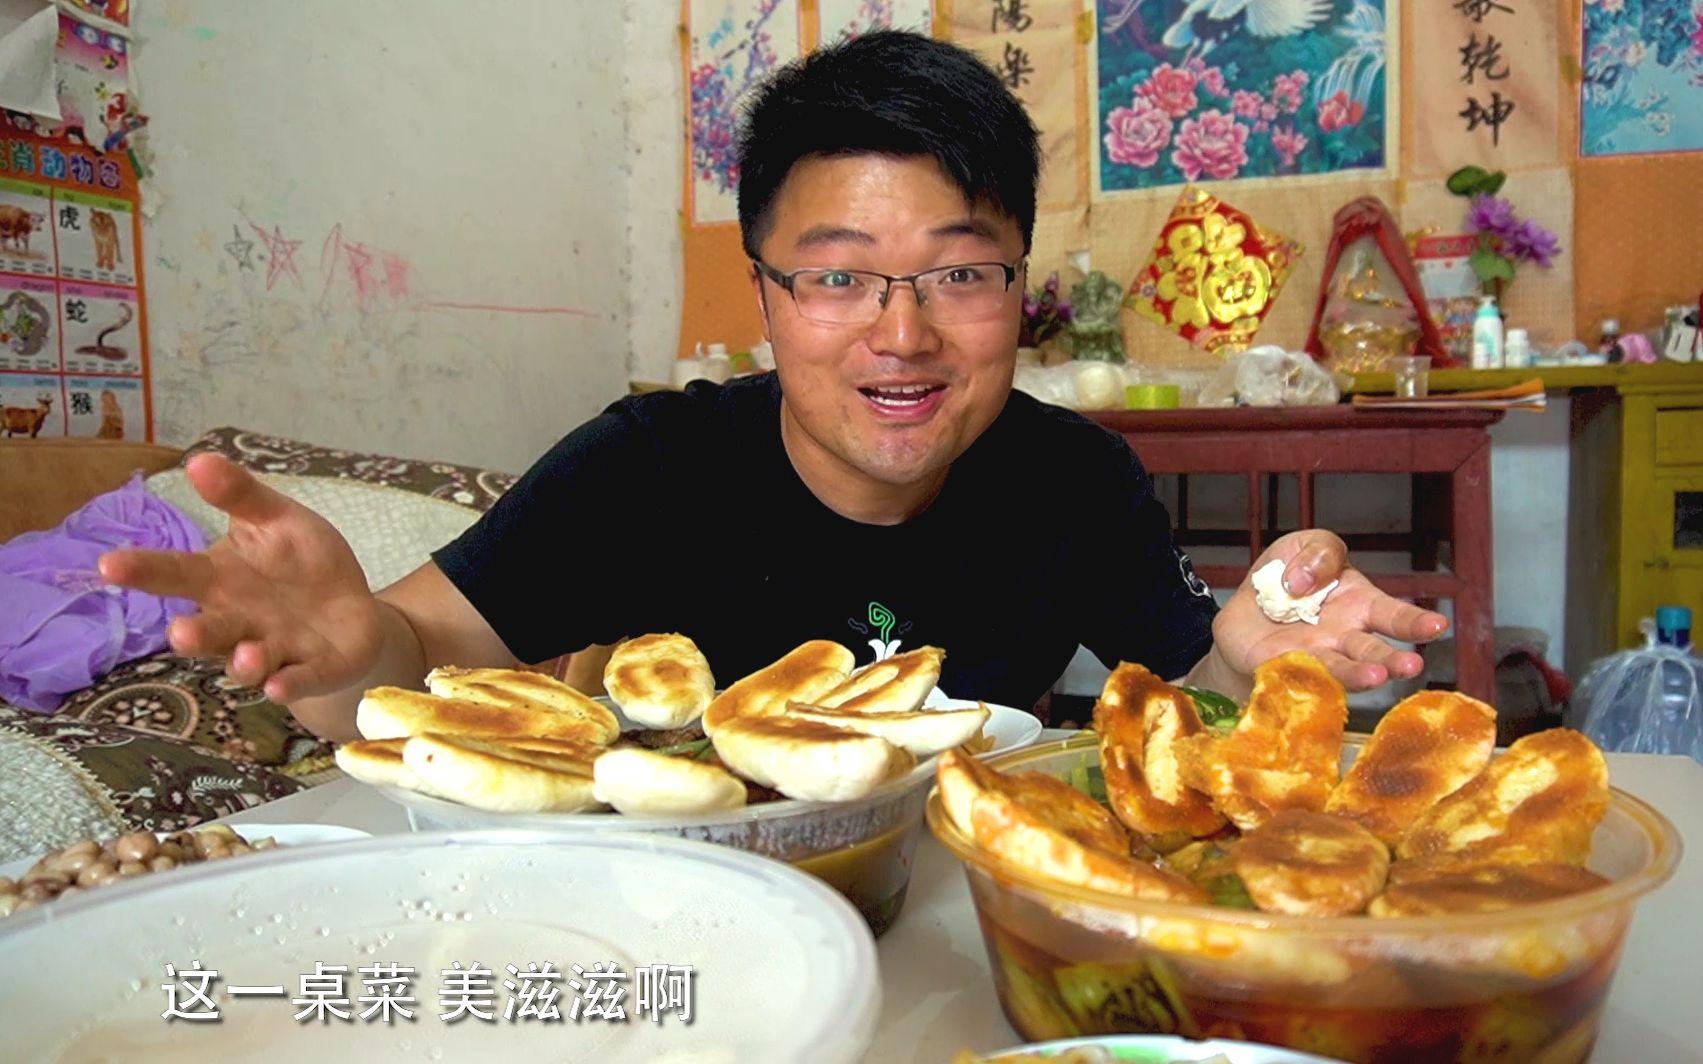 大sao去蹭饭,自带一桌外卖,炒鸡,地锅茄子配大饼,岳父乐坏了